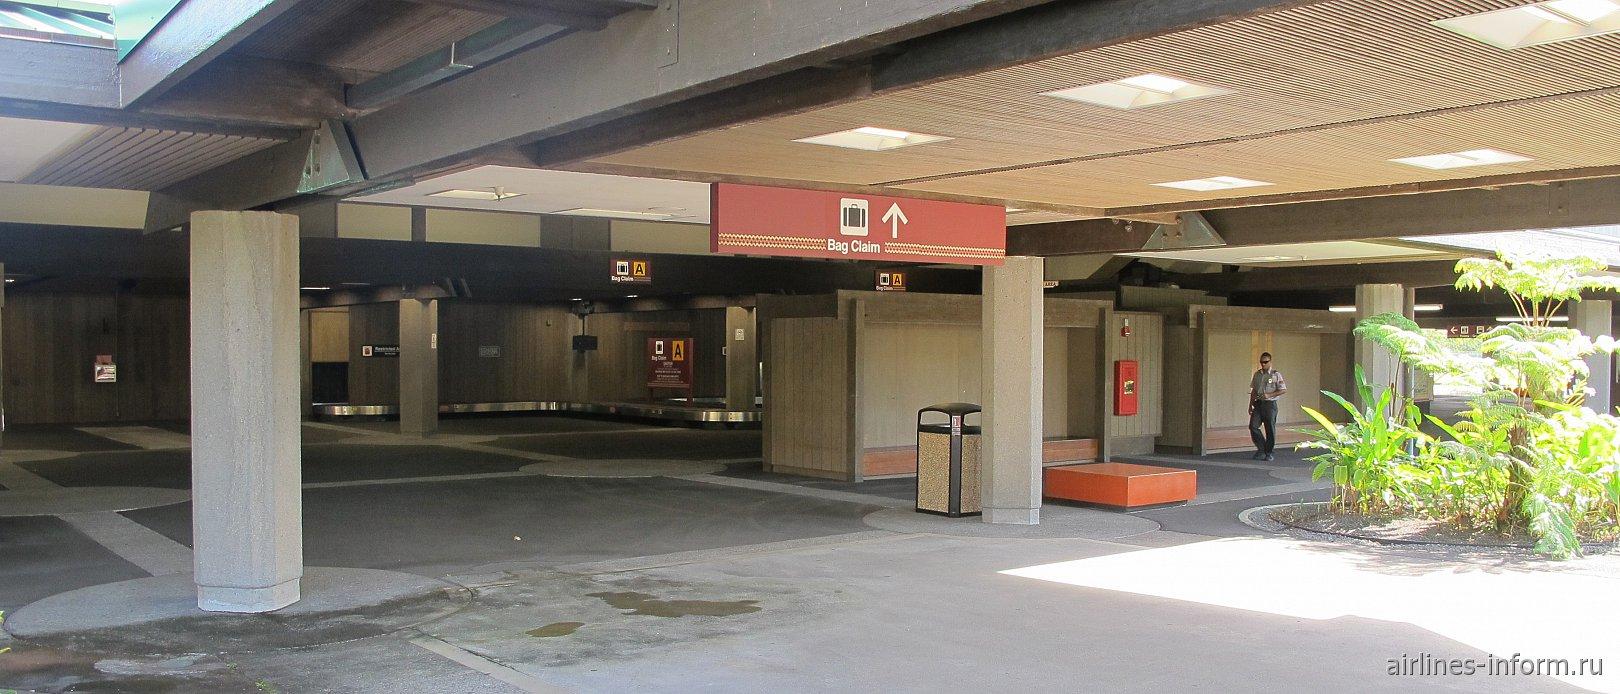 Зона выдачи багажа в аэропорту Хило